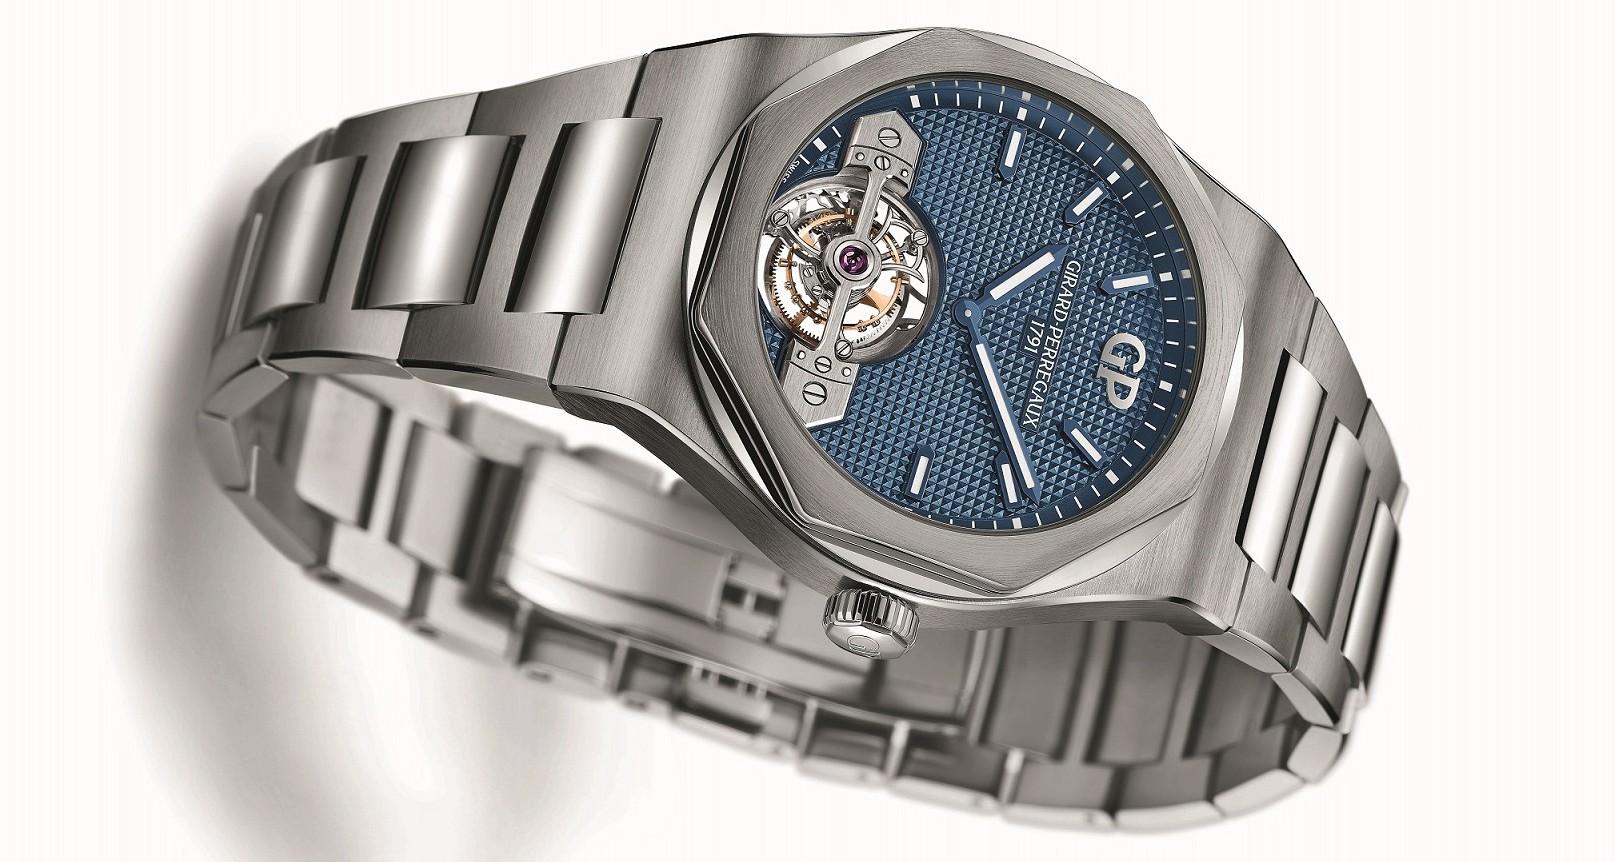 芝柏Laureato桂冠系列陀飛輪腕錶發表全鈦金屬款式